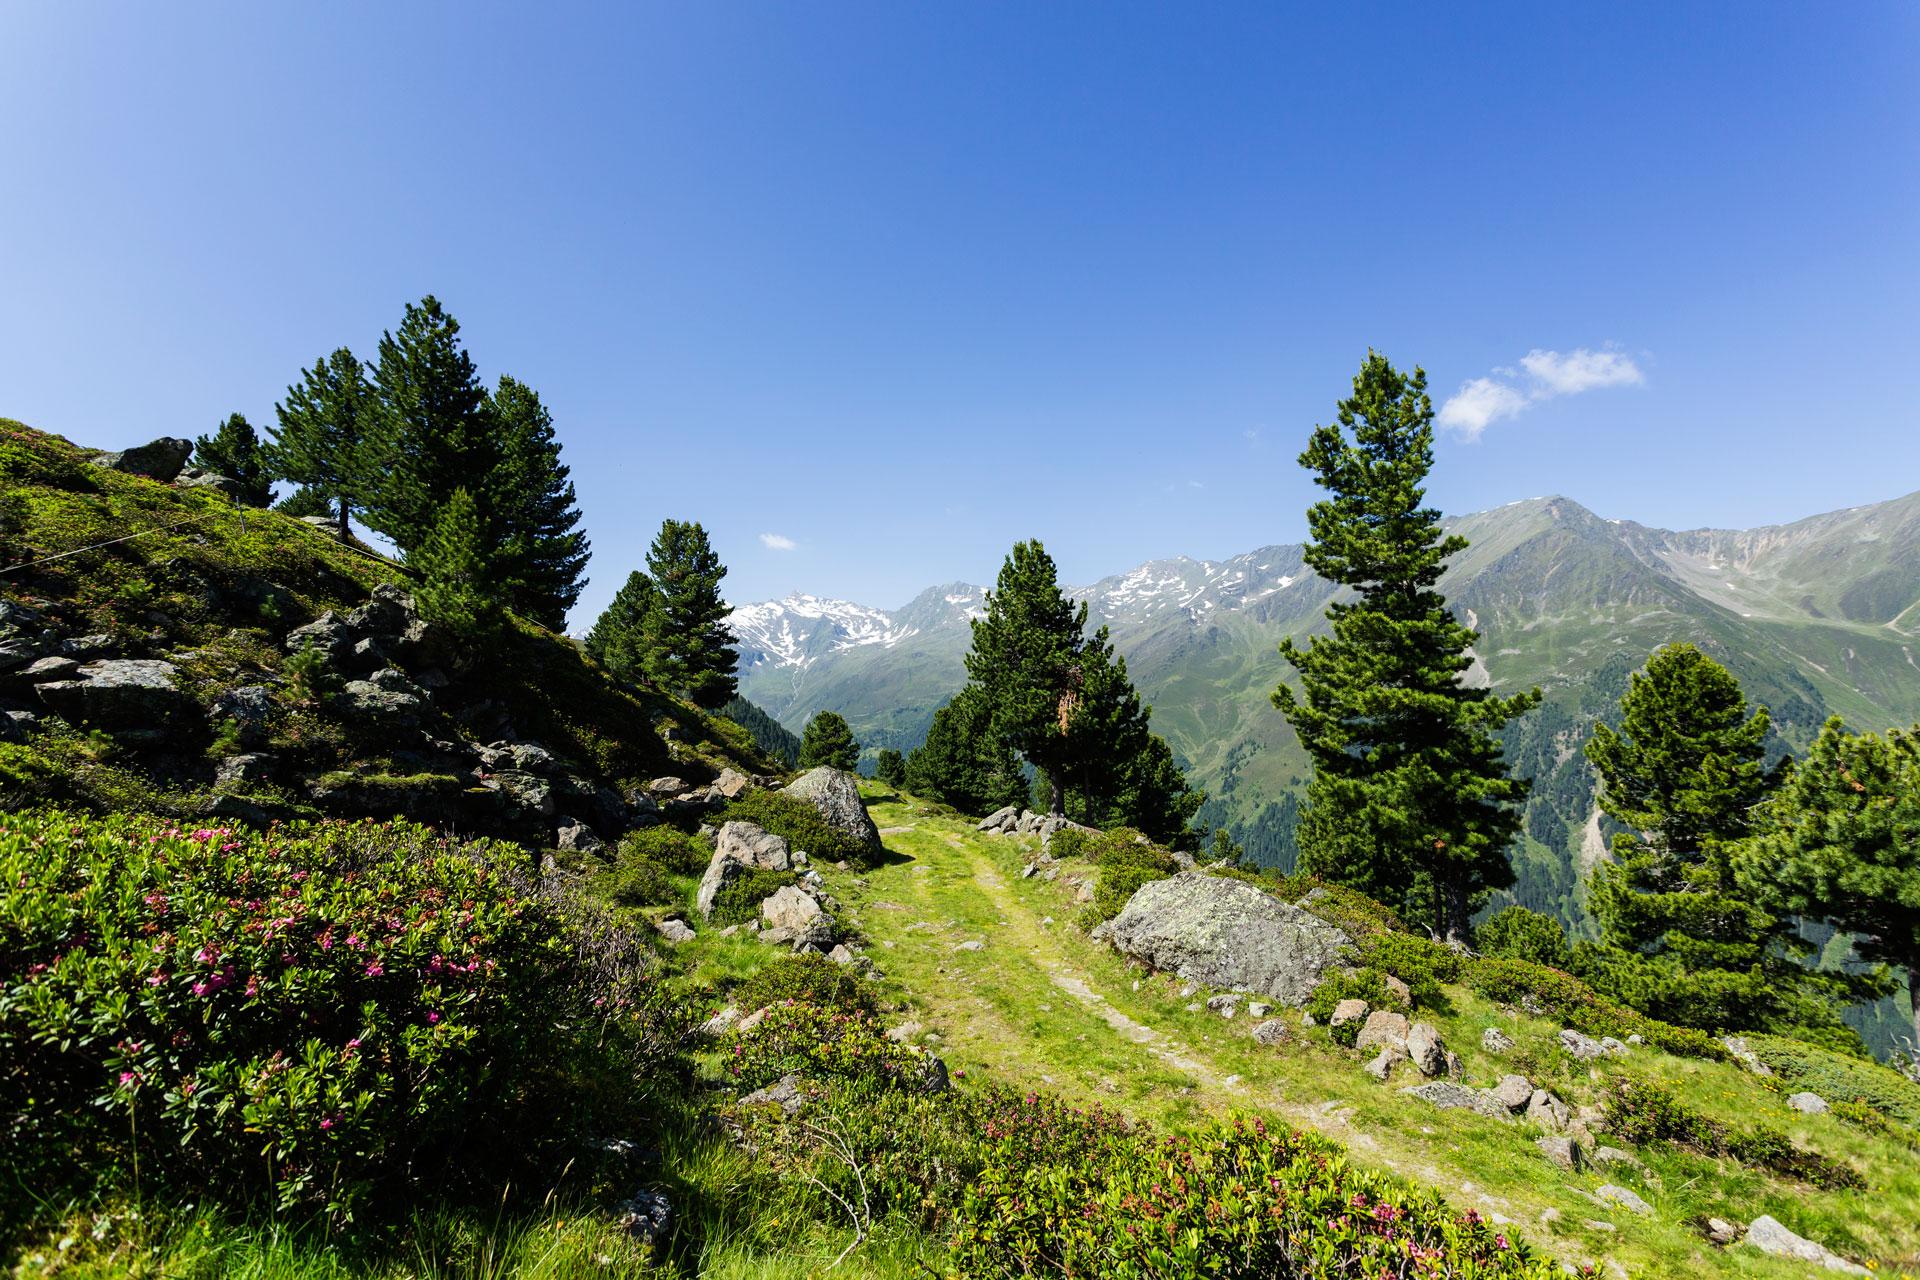 alpengasthof-dortmunder-huette-sommer-galerie-landschaft